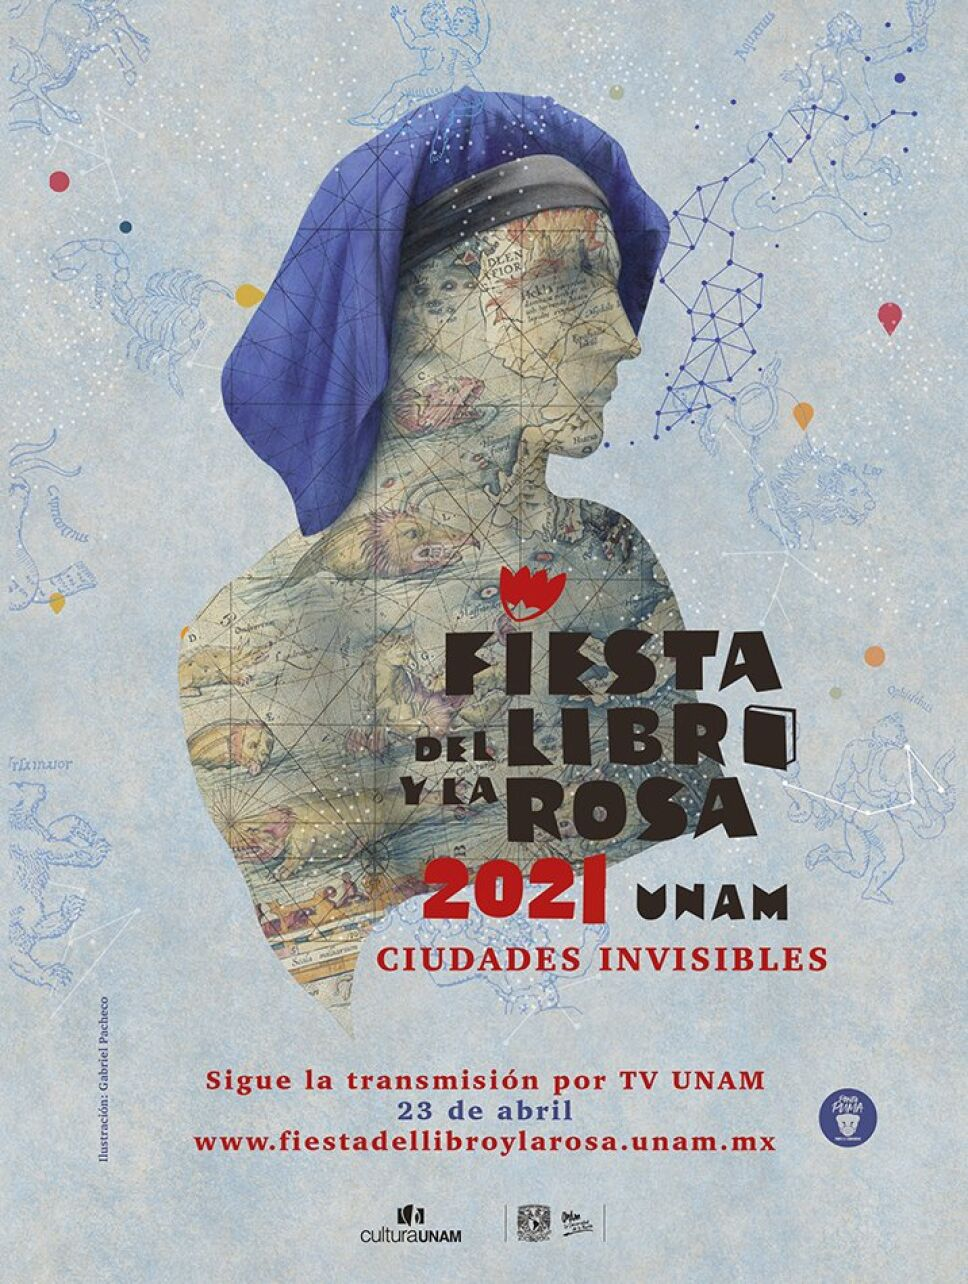 FIESTA DEL LIBRO Y LA ROSA 2021